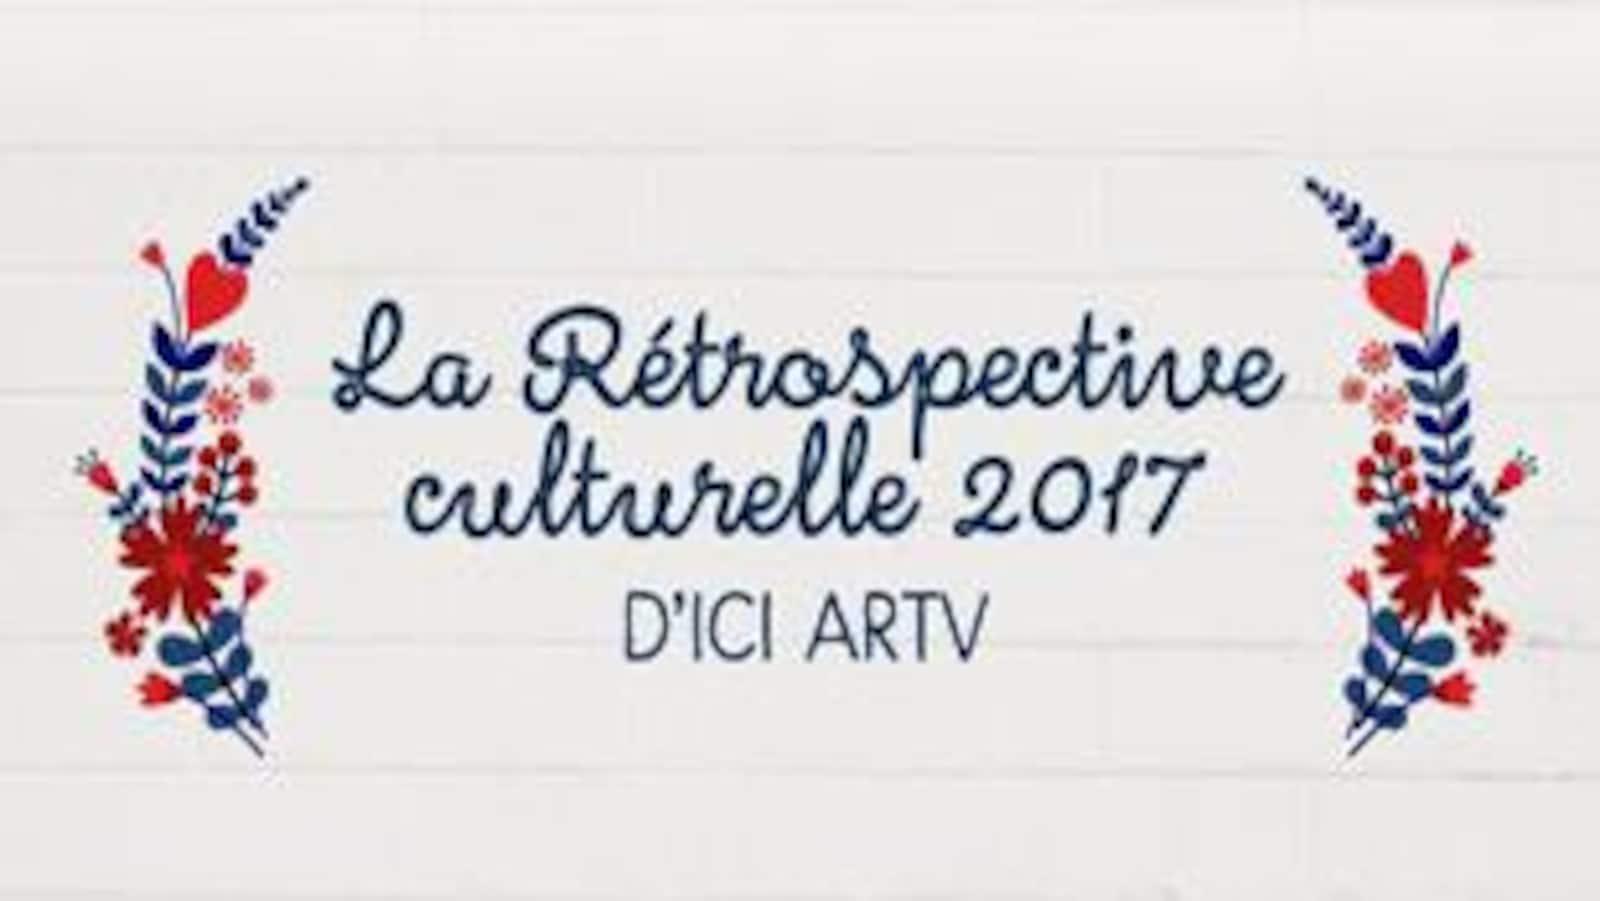 Visuel de la Rétrospective culturelle 2017 d'ICI ARTV